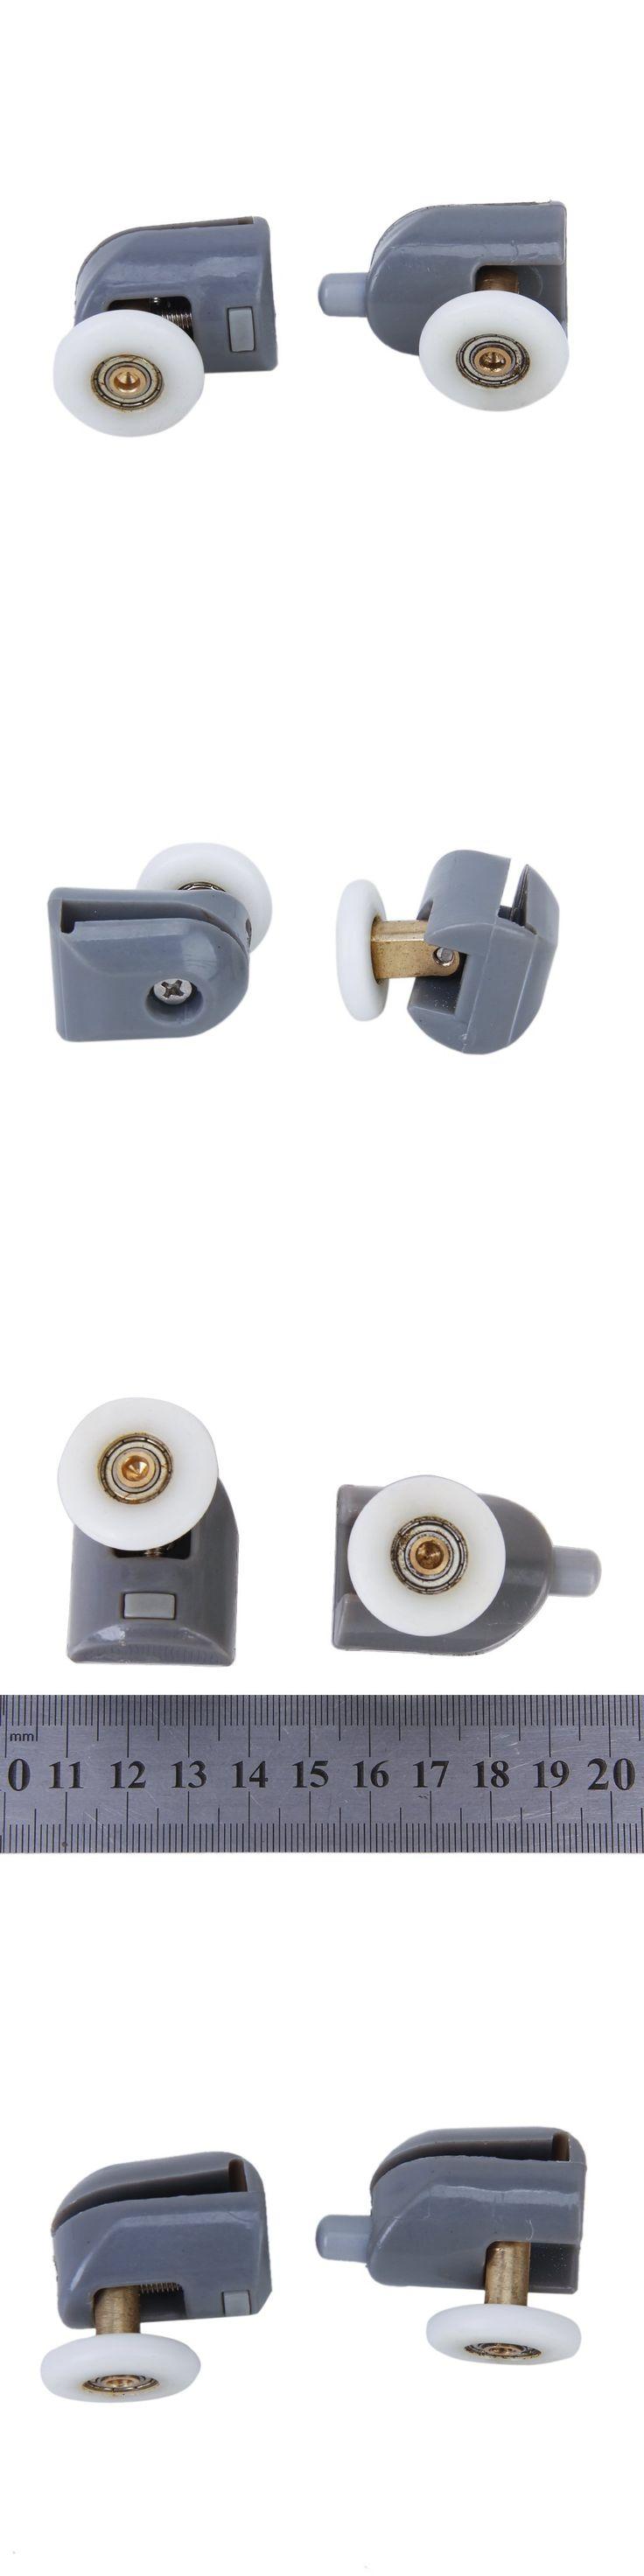 5x Remplacements de Roues Roulettes Rouleaux de Porte de Douche en Haut et Bas Diametre de 25mm